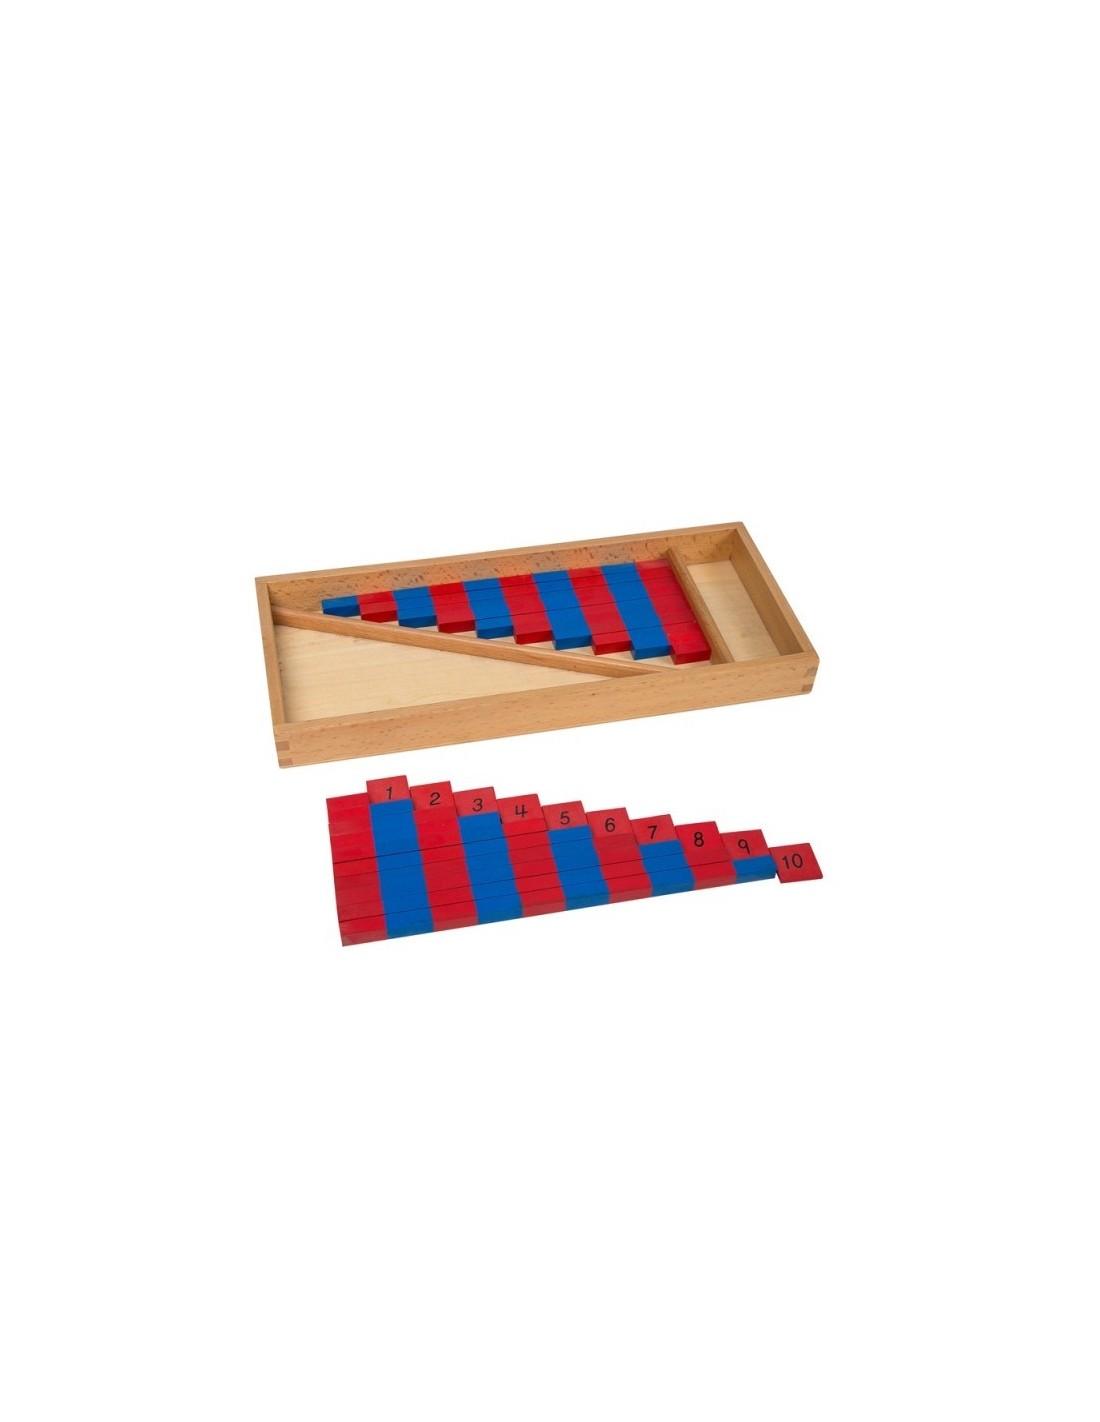 MontessoriSamuserAutrement - Barres rouges et bleues avec chiffres